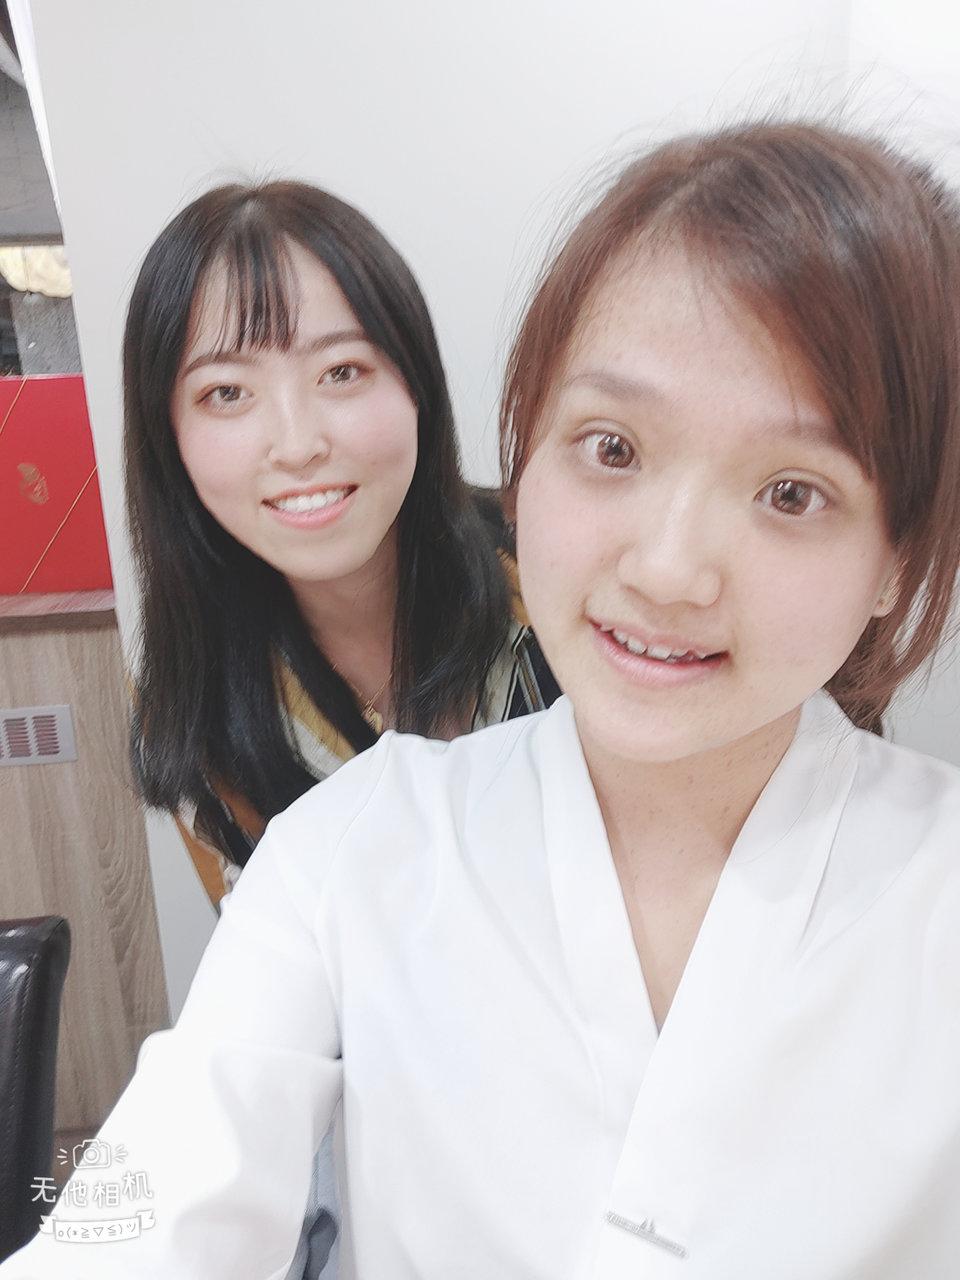 伊頓自助婚紗攝影工作室(台北西門店),伊頓婚紗挑衣體驗-心得感想